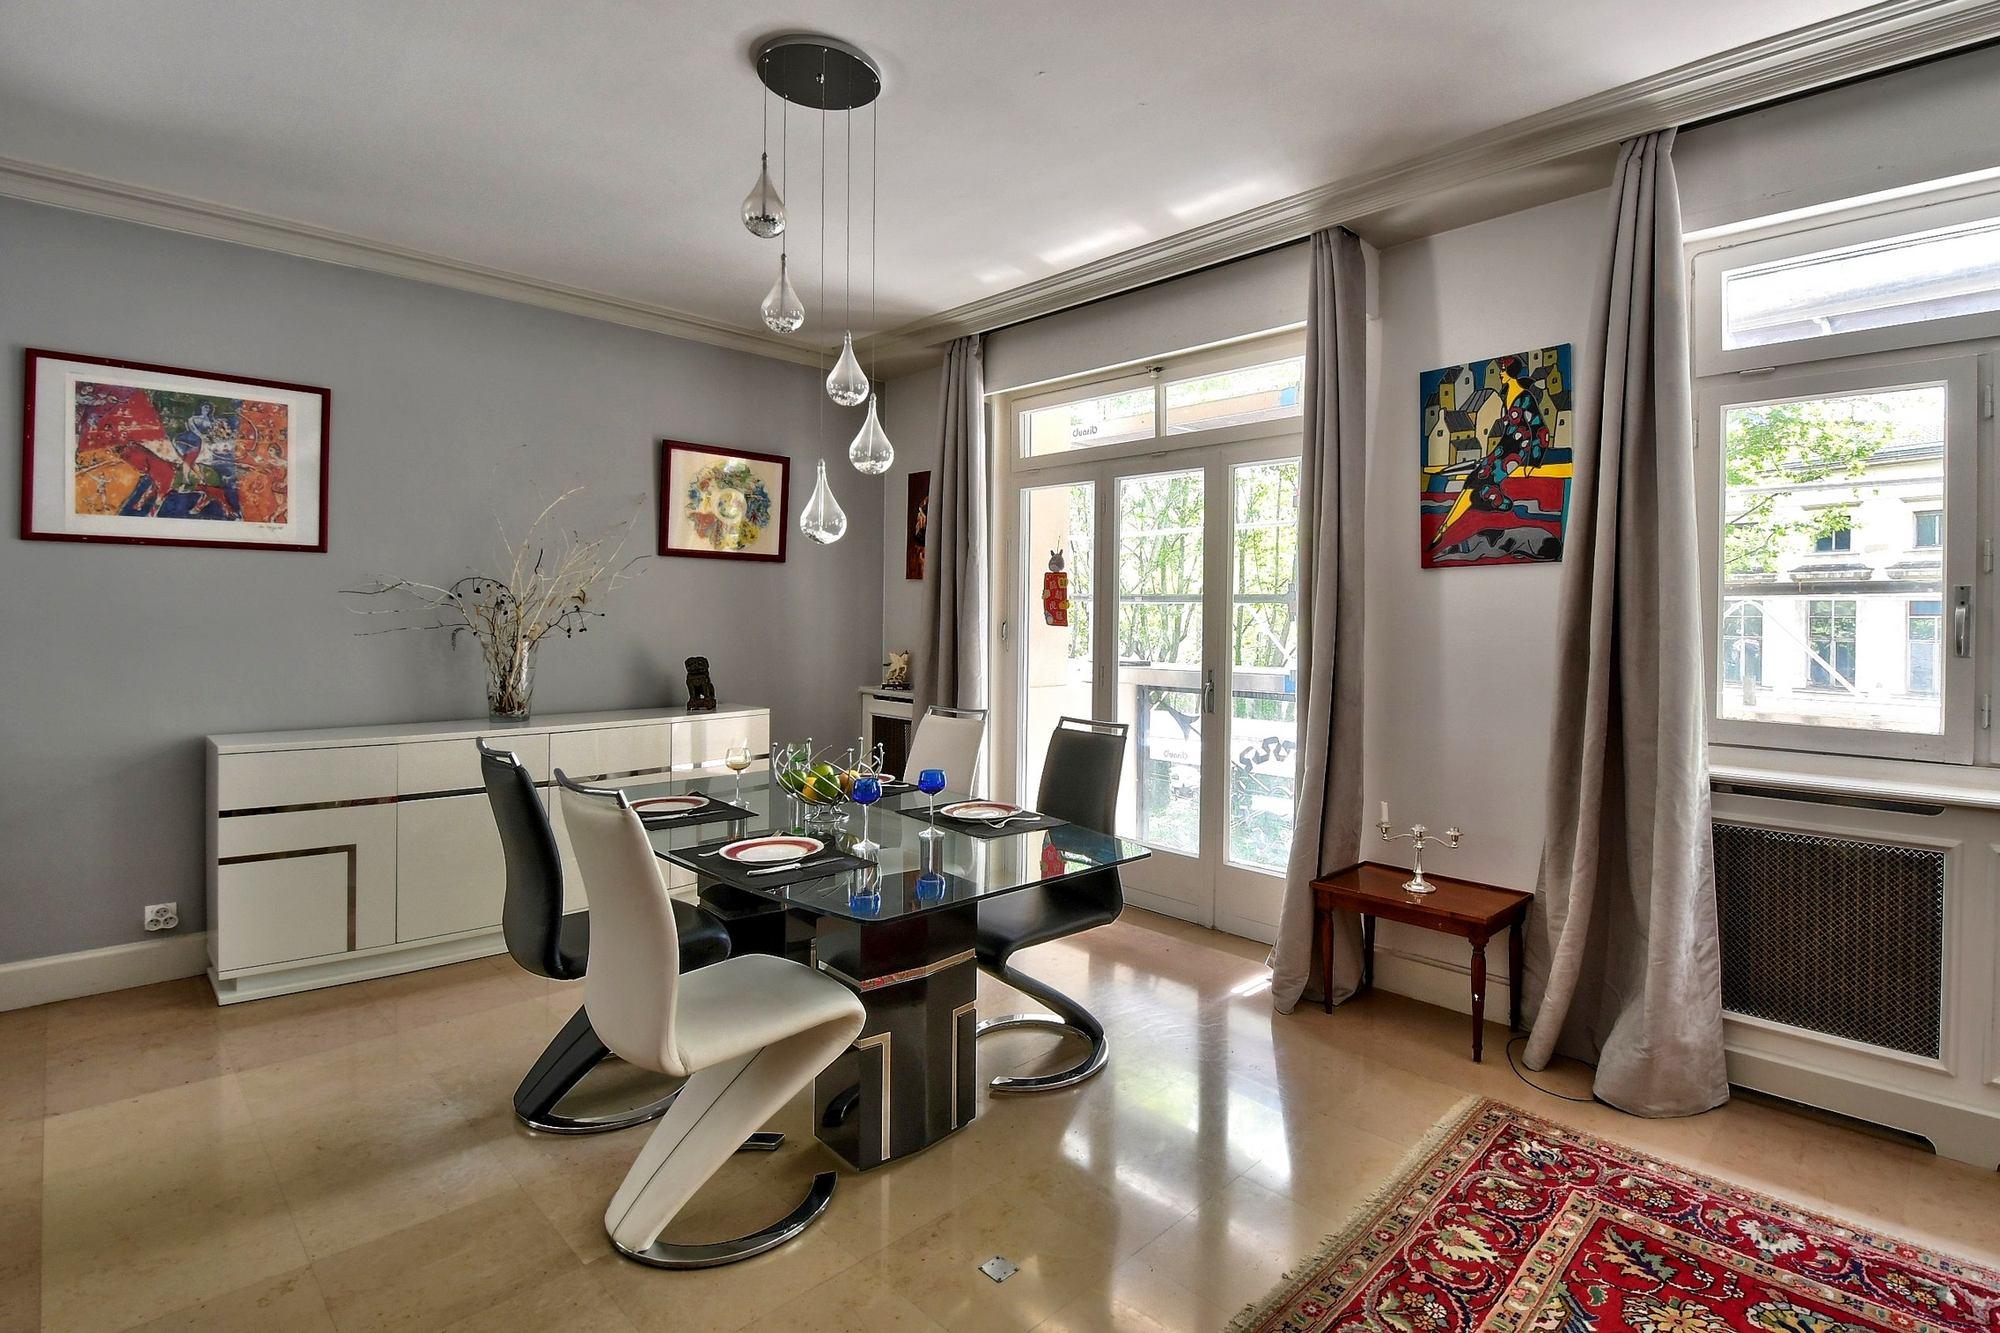 PHOTOS vente IMMOBILIER Appartement salle à manger 69006 Lyon Boulevard des Belges